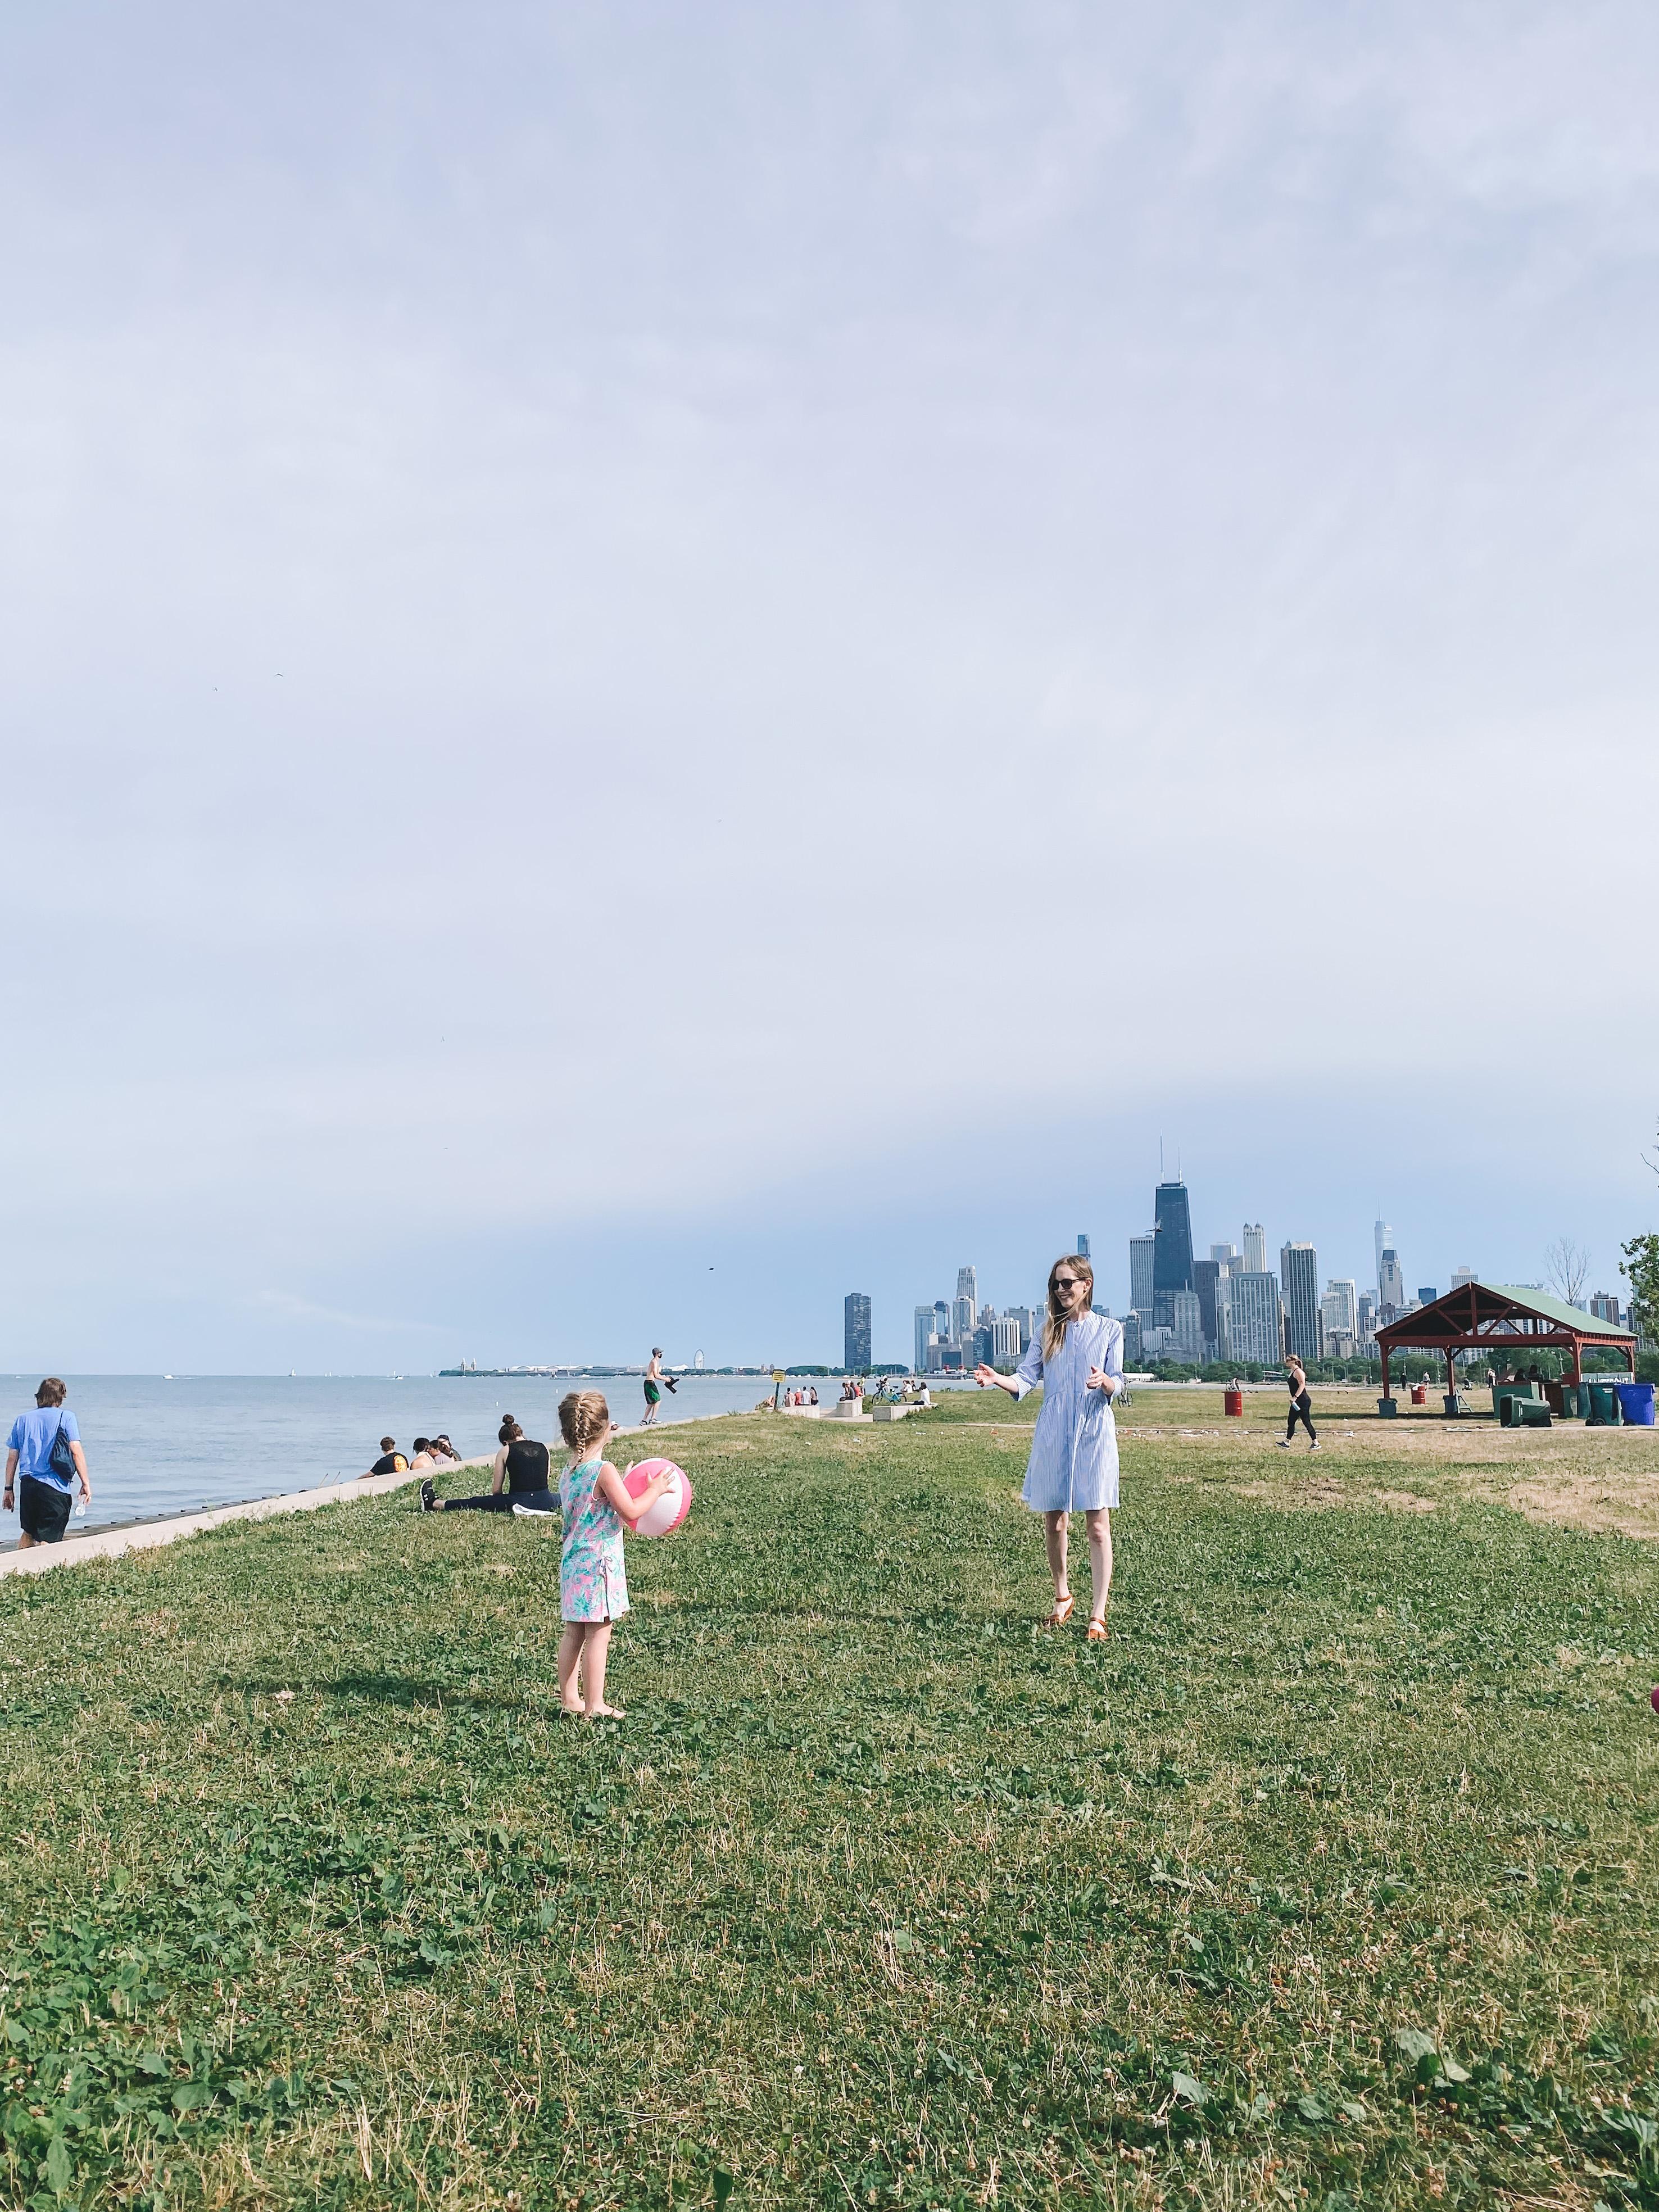 Sunday on Lake Michigan